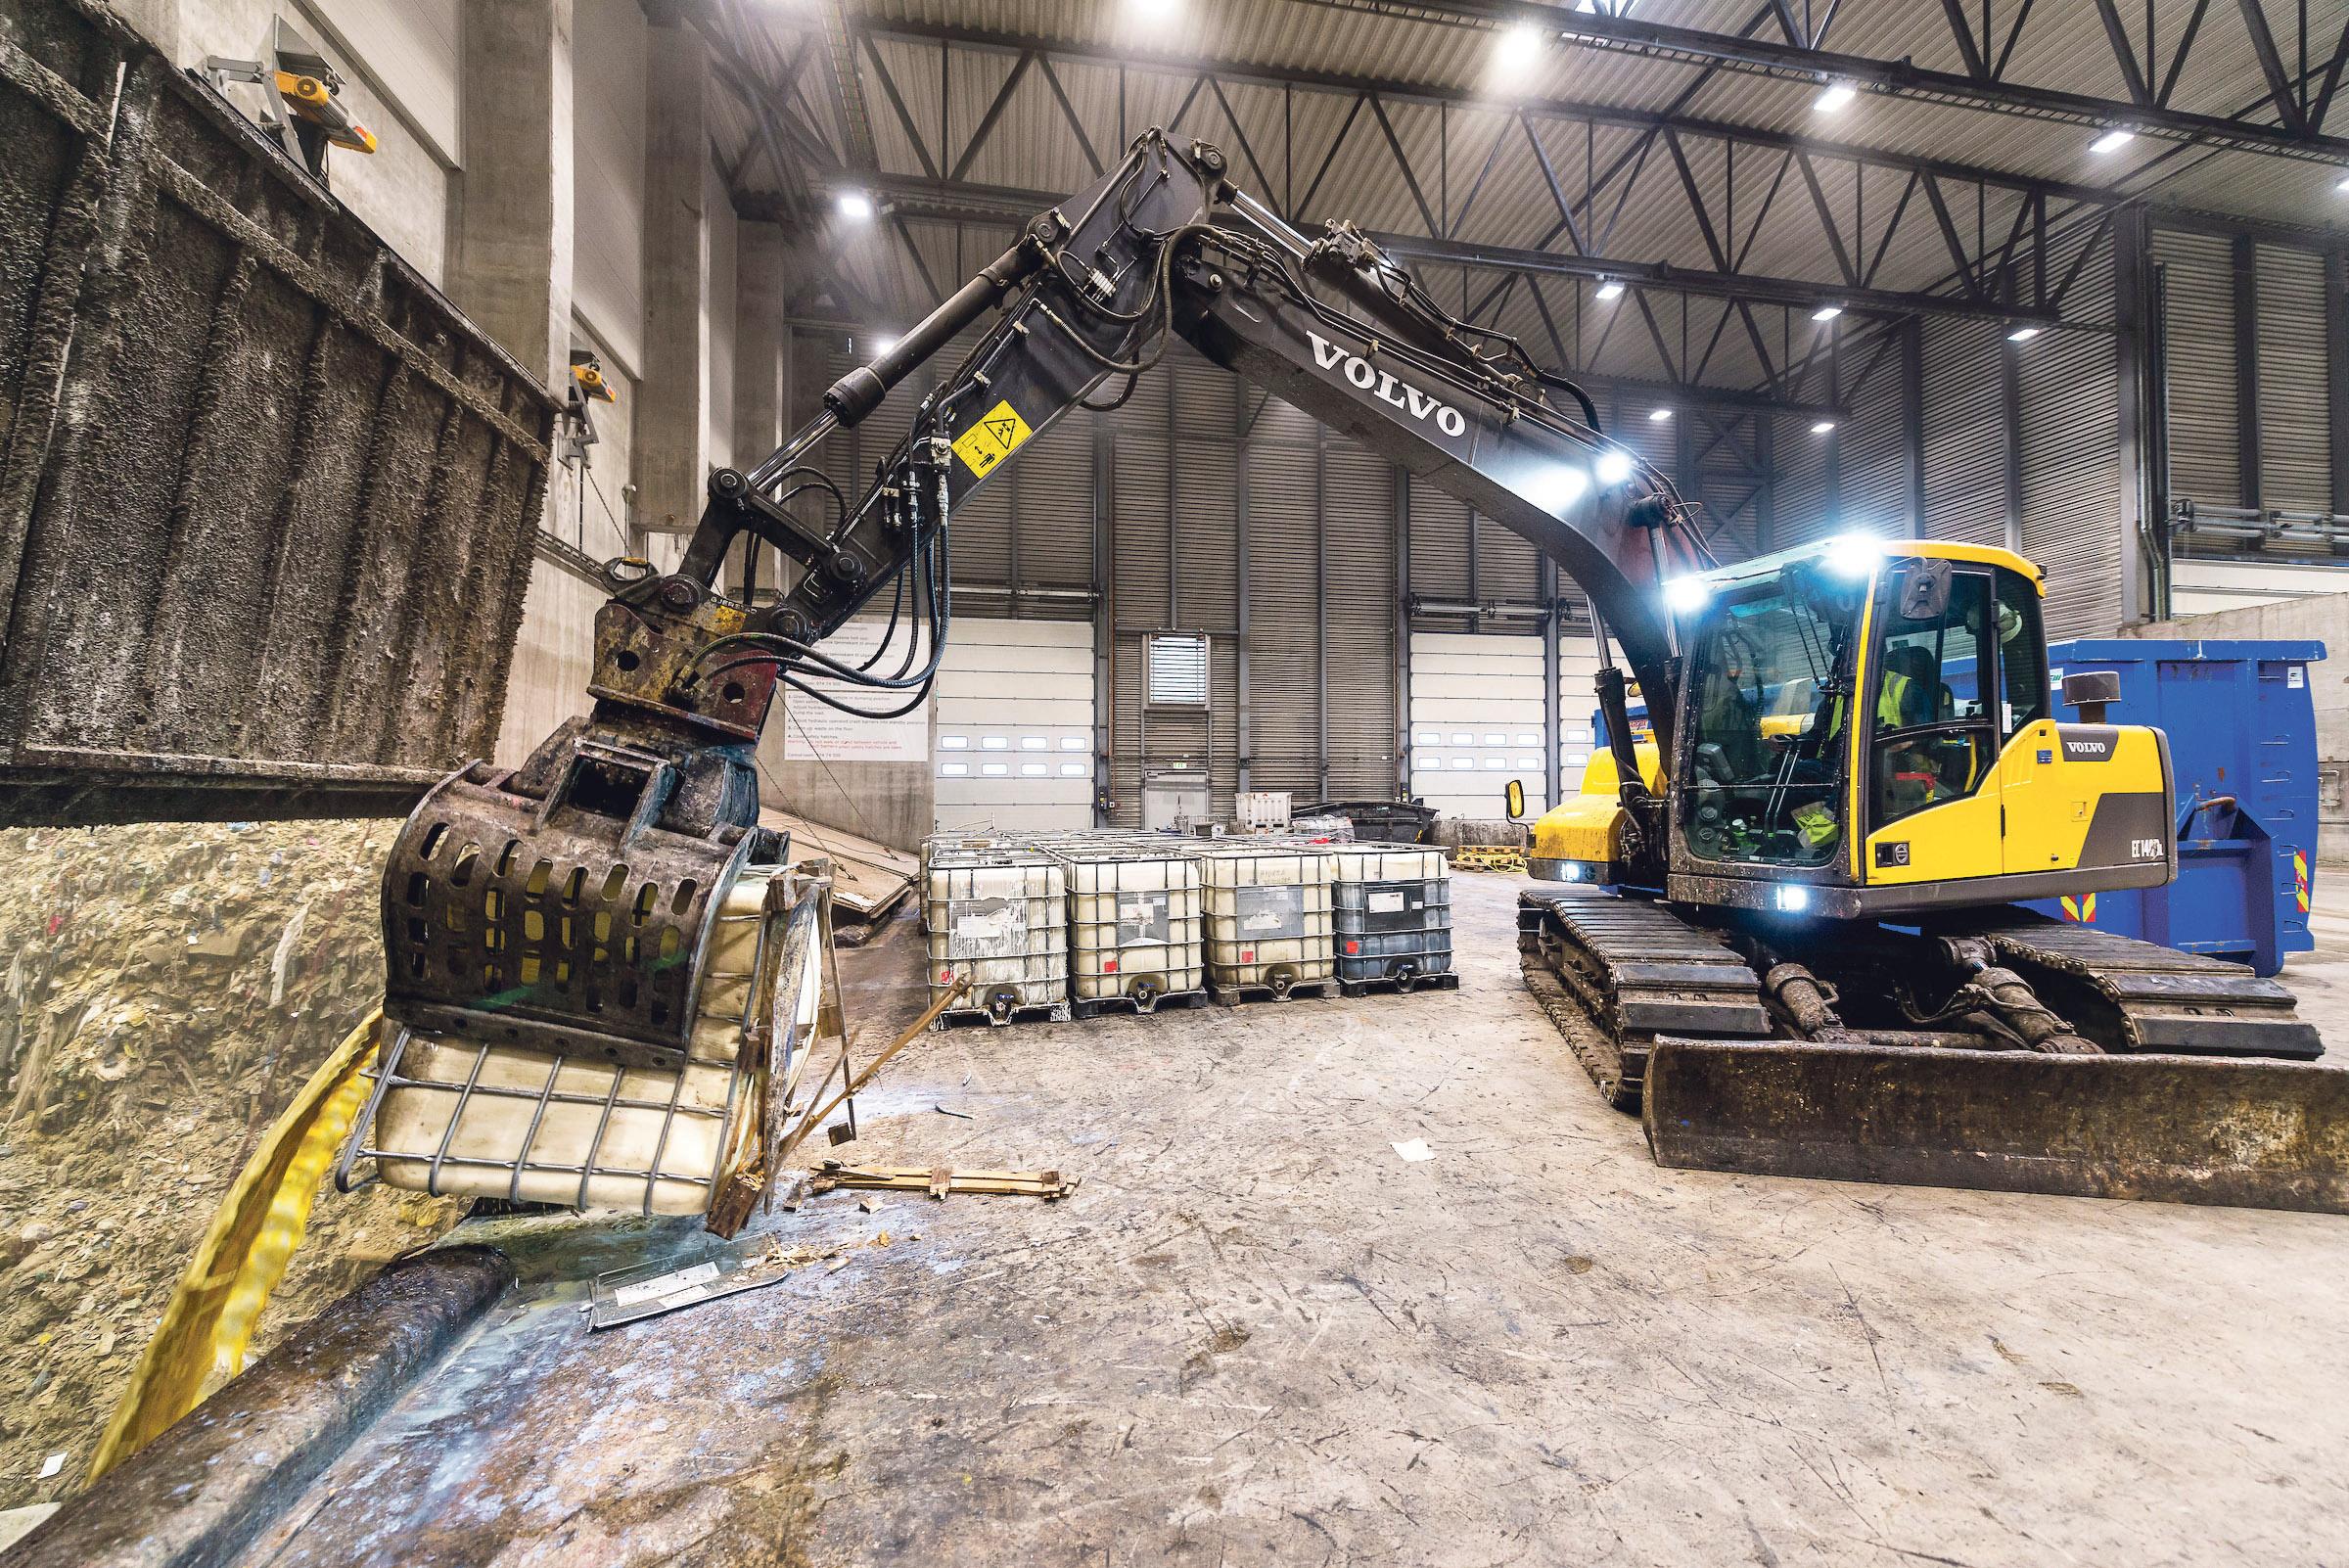 NYTT AVFALLSMOTTAK: Et Mottak For Farlig Avfall Er Nylig Opprettet På Langemyr. Foto: Kjell Inge Søreide.